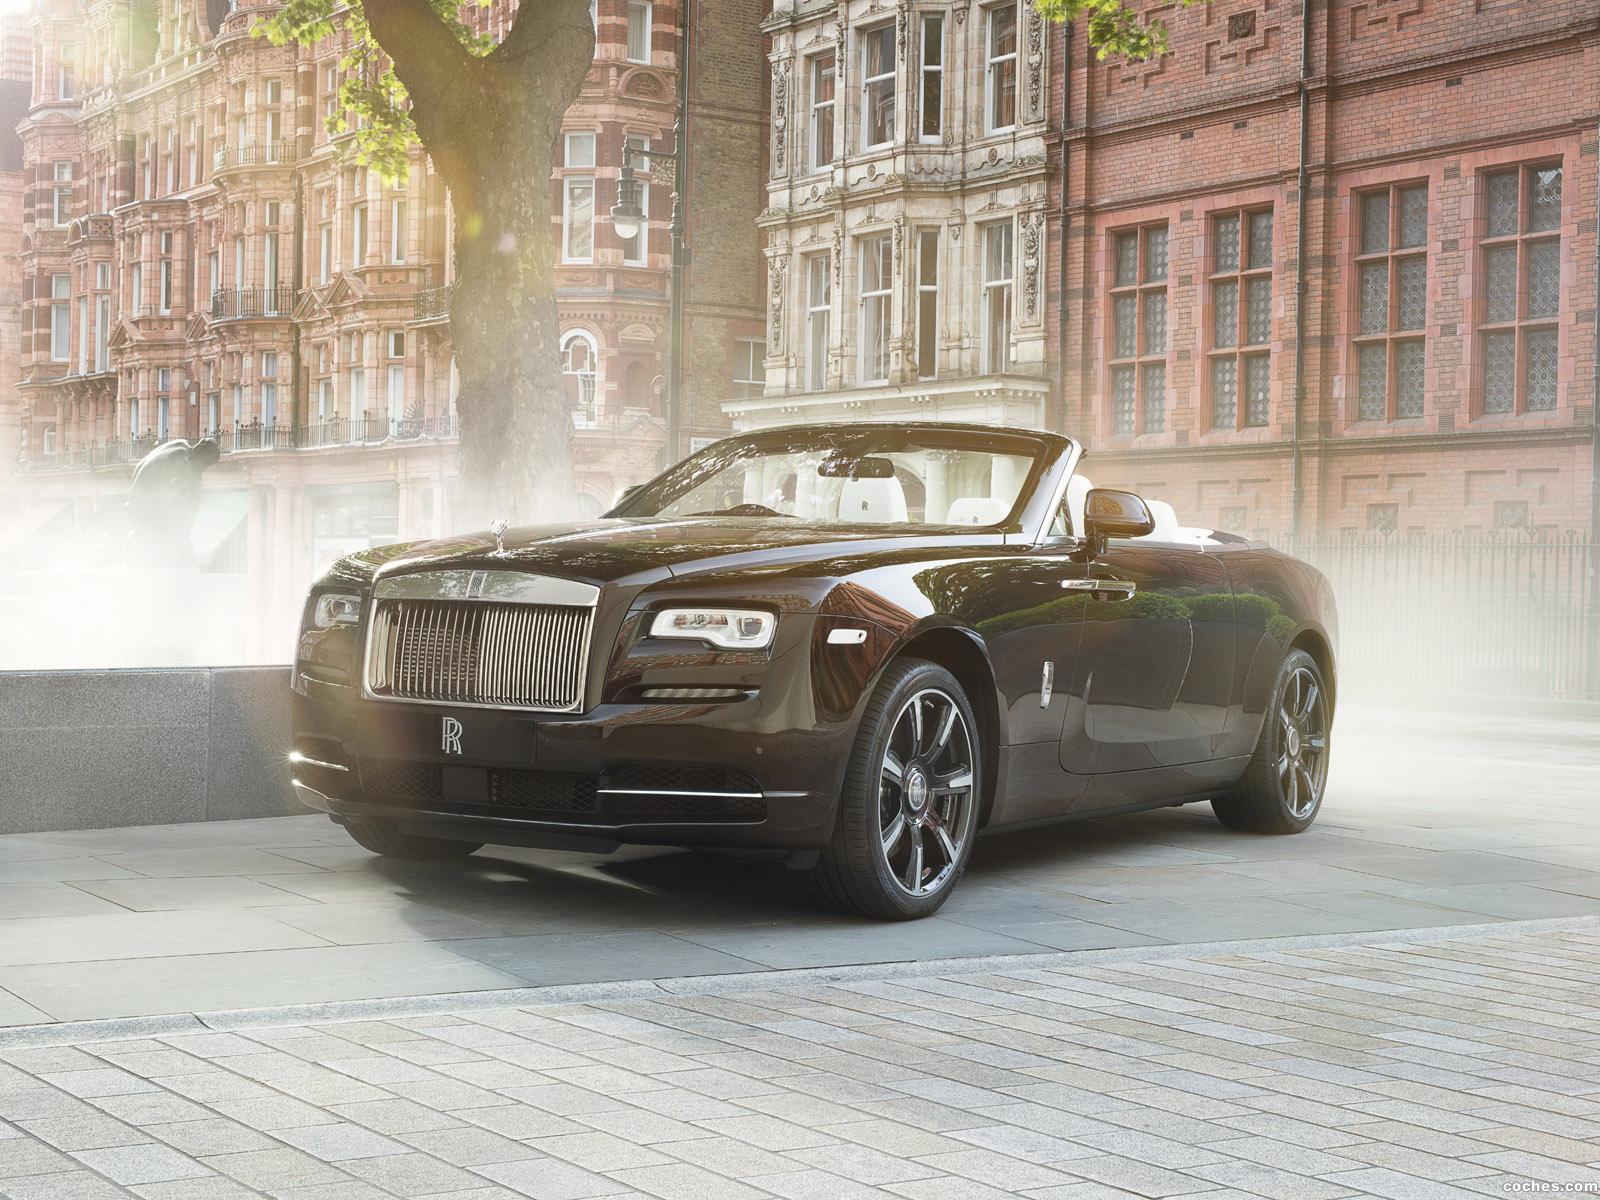 Foto 0 de Rolls Royce Dawn Mayfair 2017